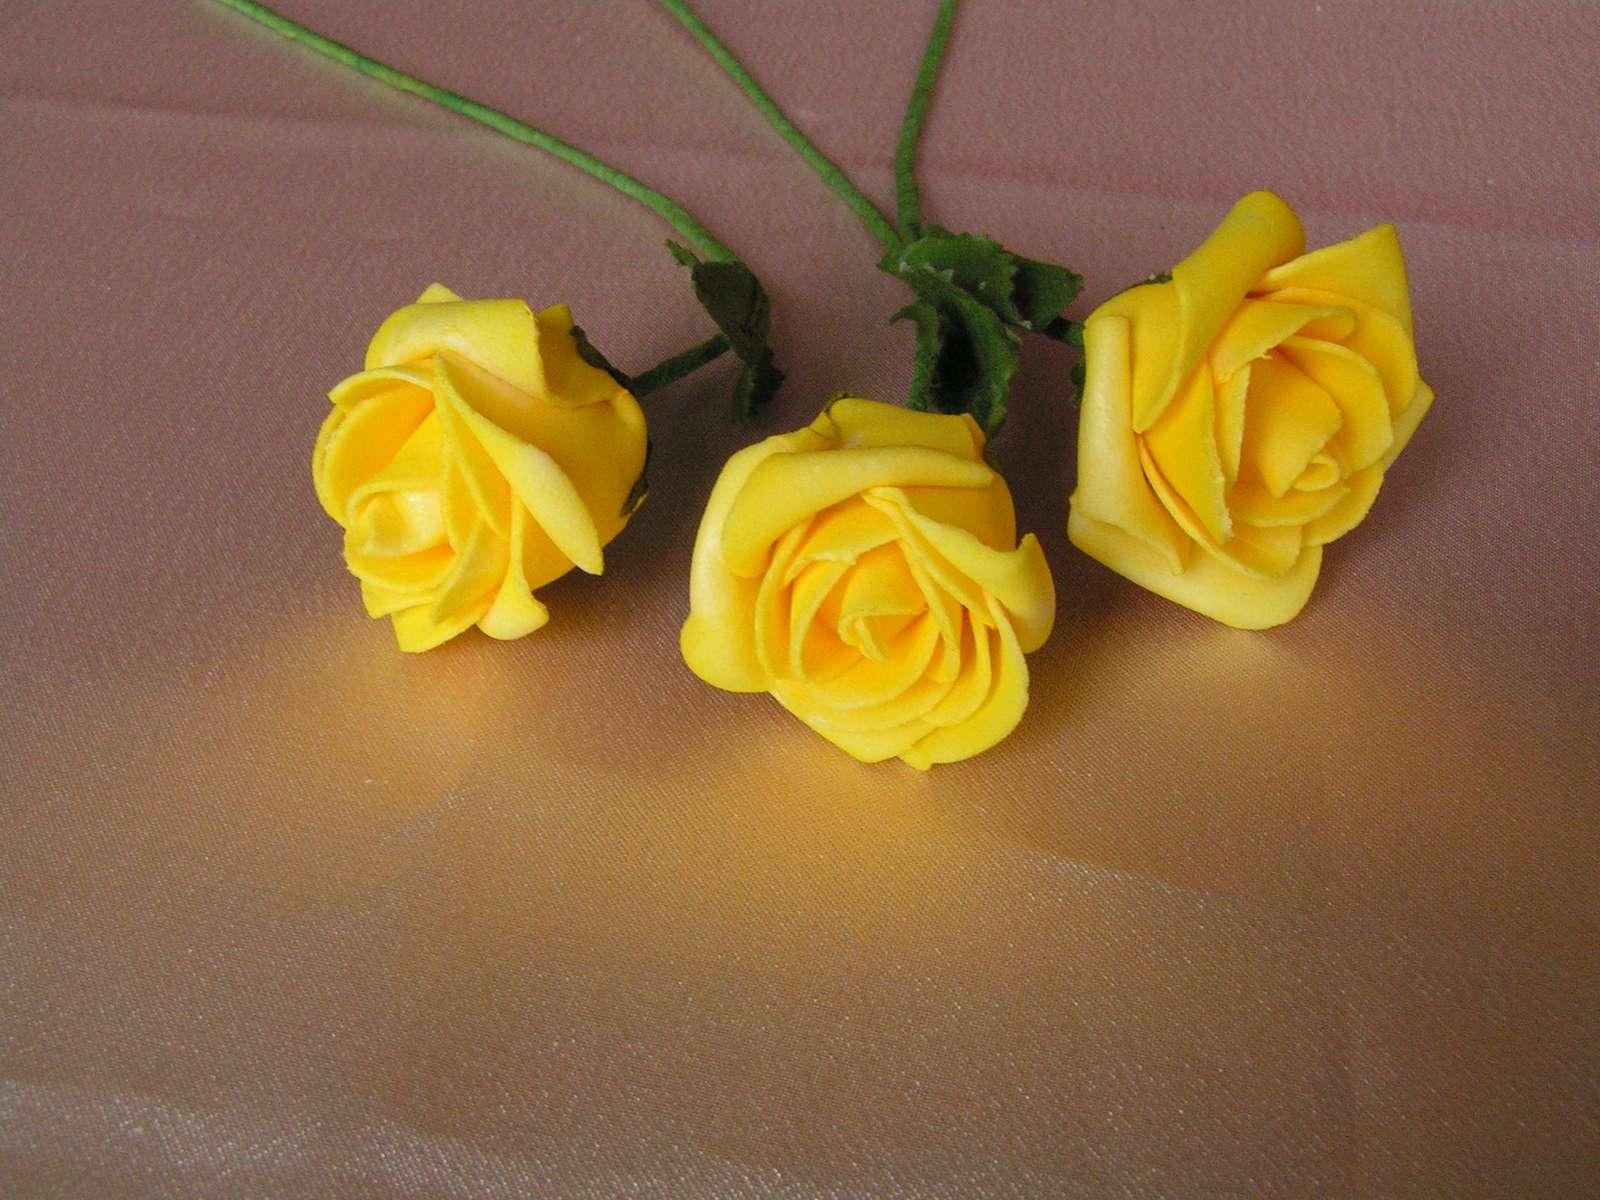 Pěnové růže - 5 cm - Obrázek č. 1